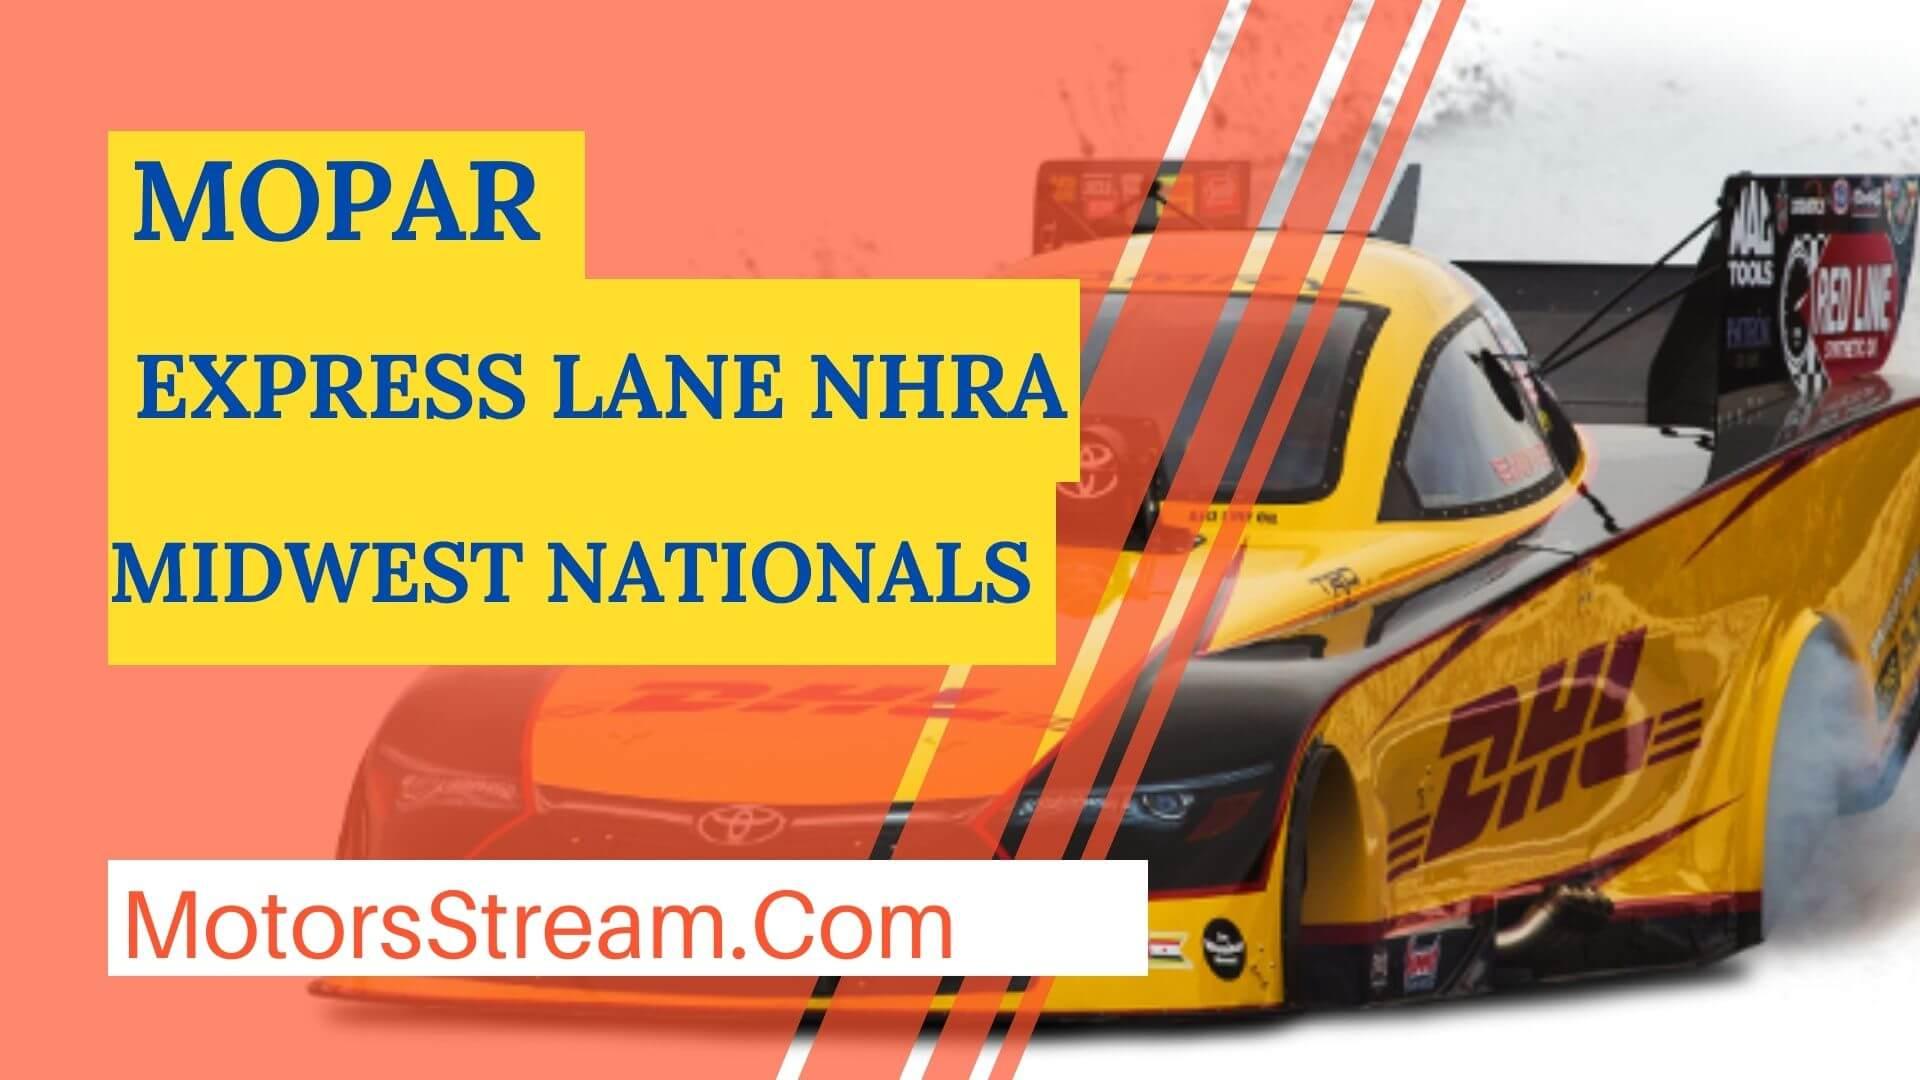 Watch Mopar Express Lane NHRA Midwest Nationals Live